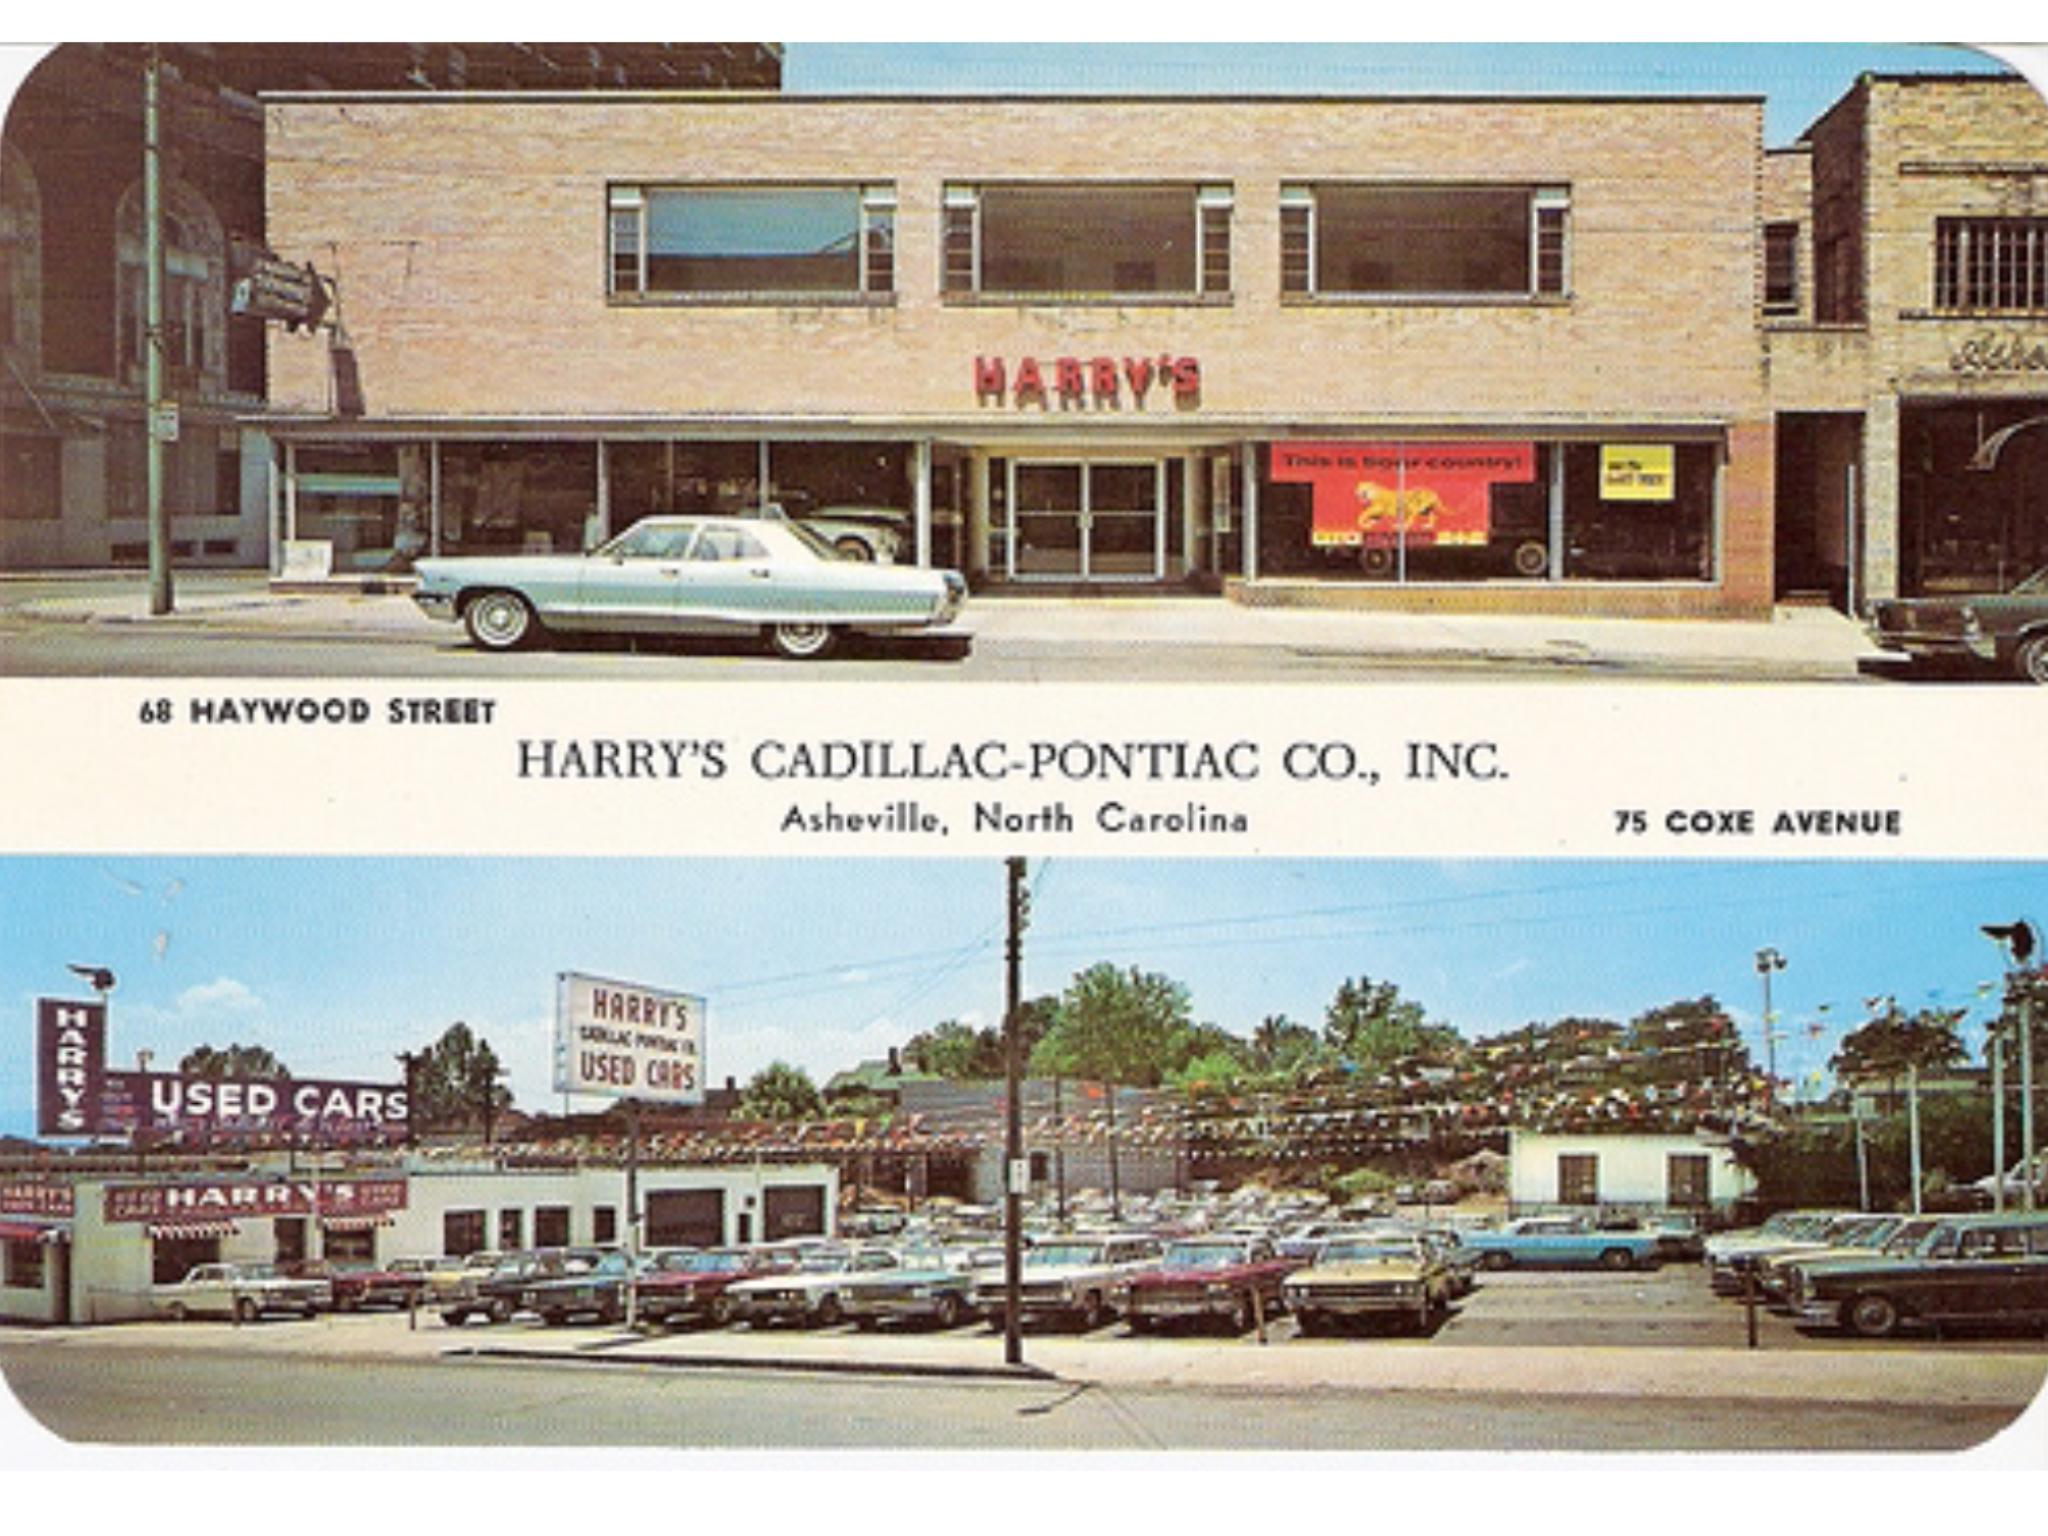 Asheville Car Dealerships >> Pin on Vintage Car Dealerships / Factory / Auto Shows / Dealership Emblems